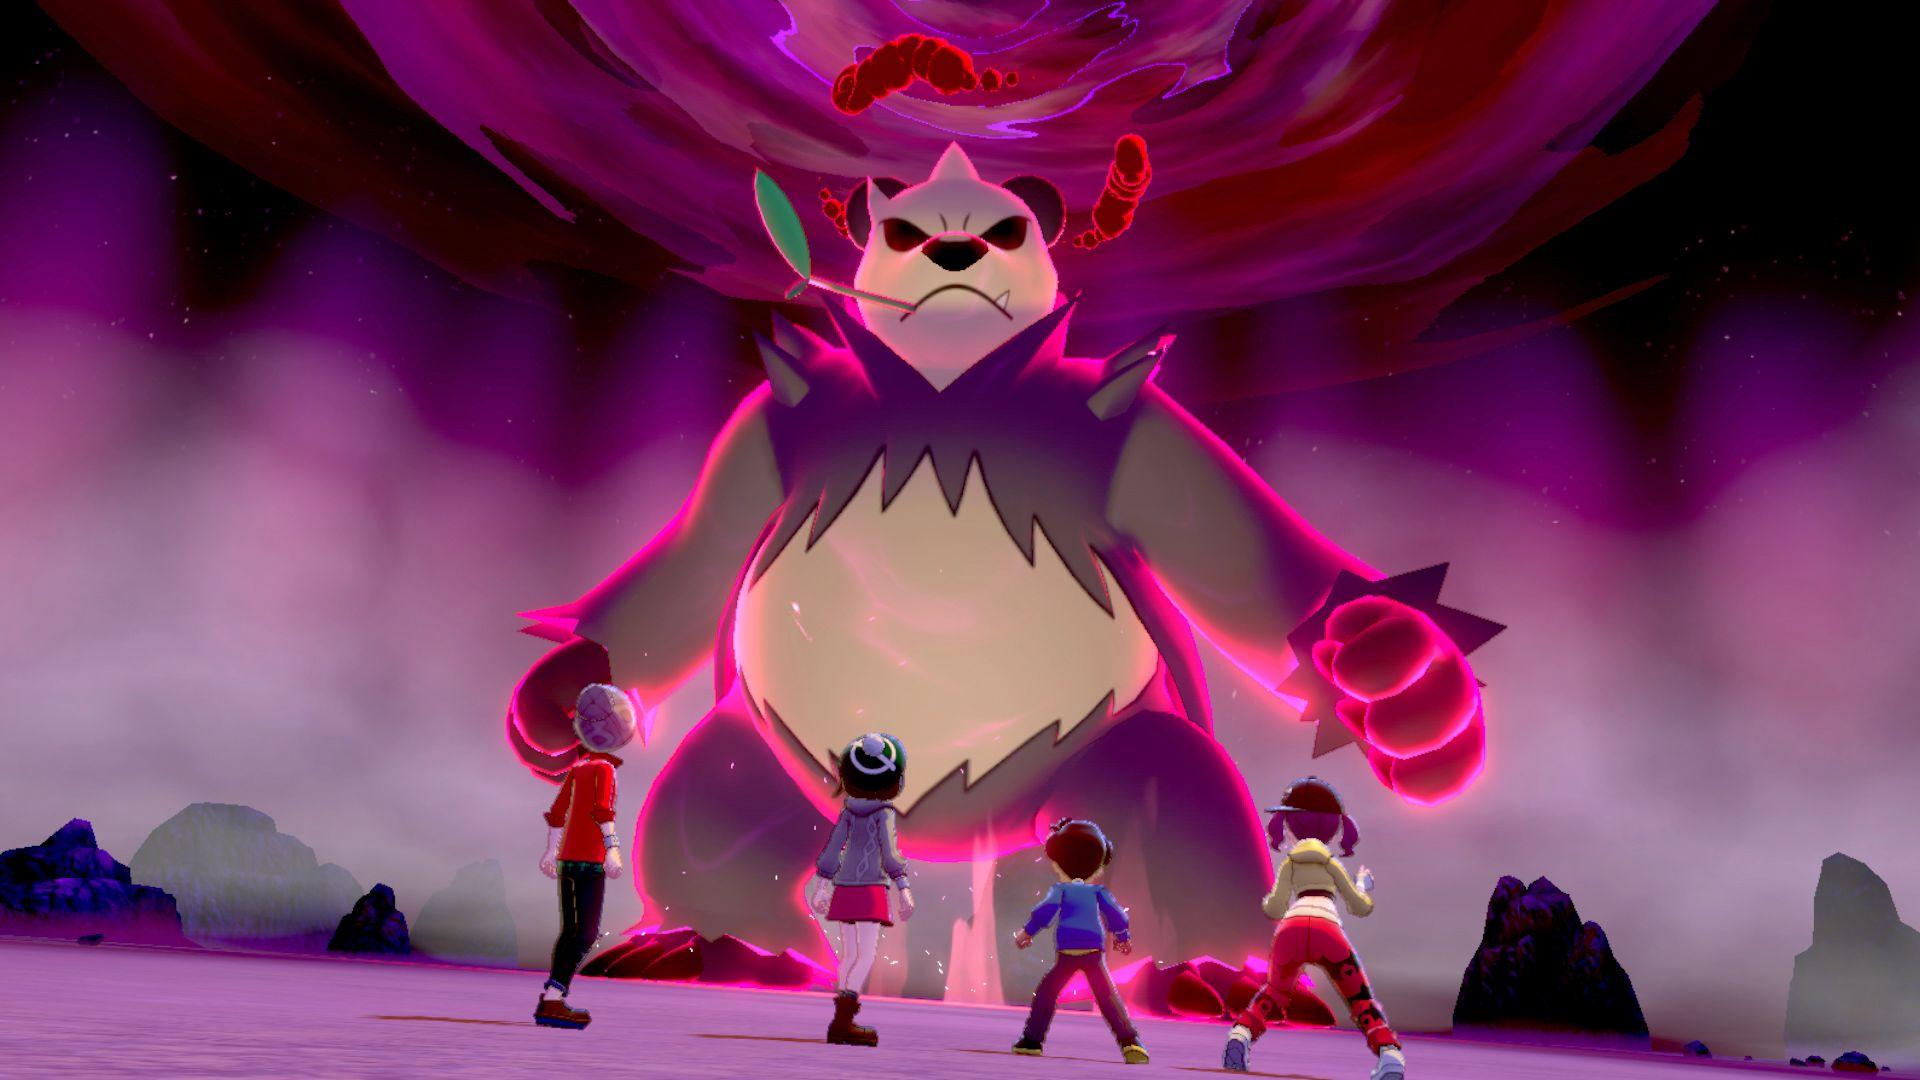 Pokemon pink version walkthrough